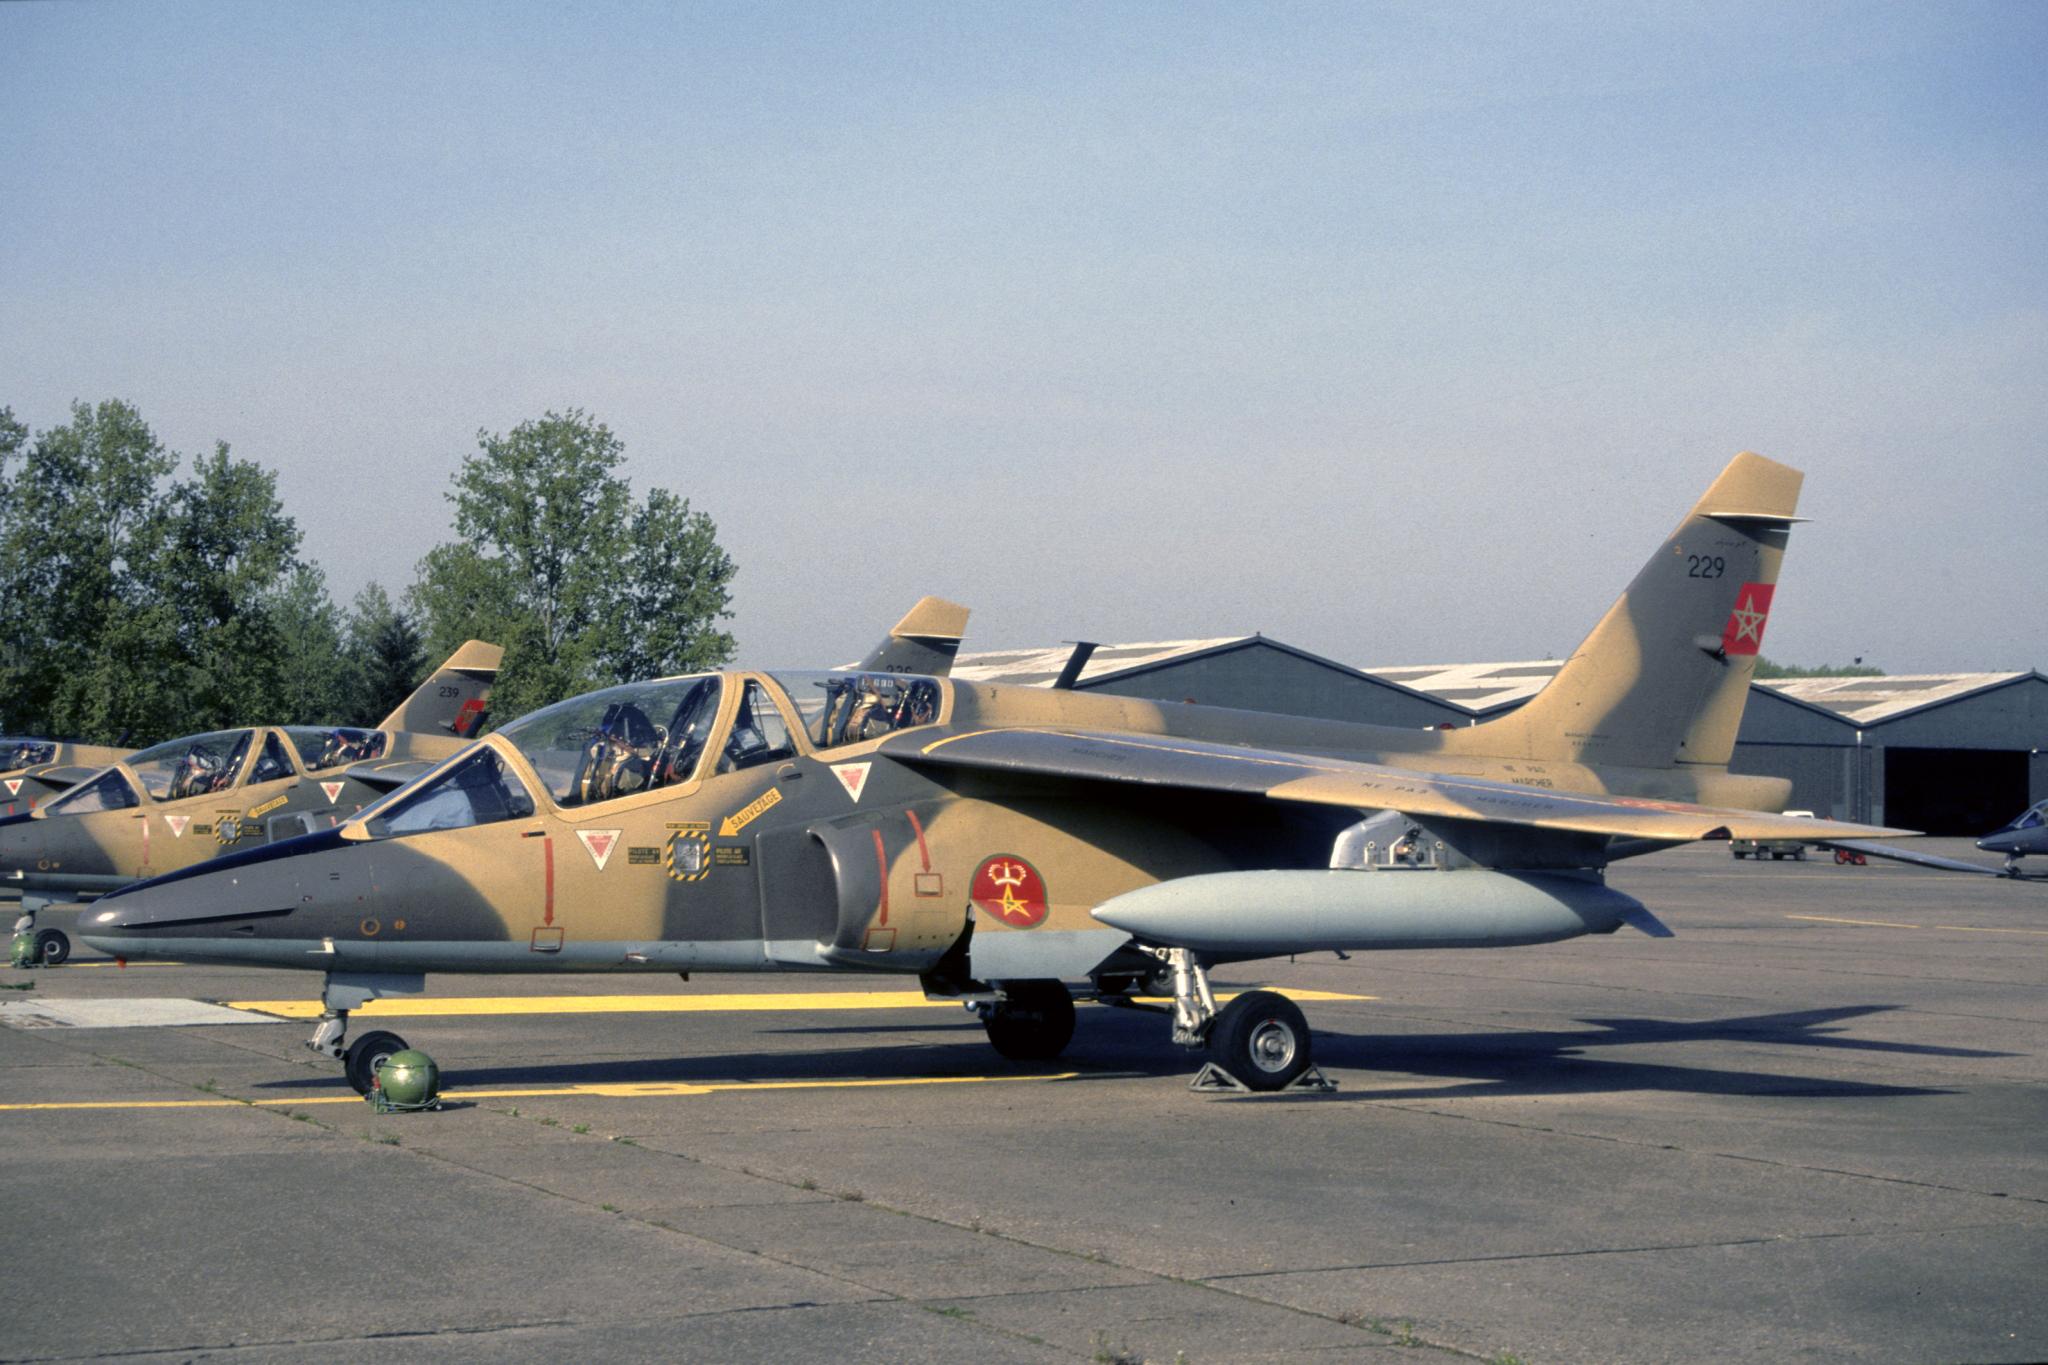 FRA: Photos avions d'entrainement et anti insurrection - Page 9 40707916023_96cb17f739_o